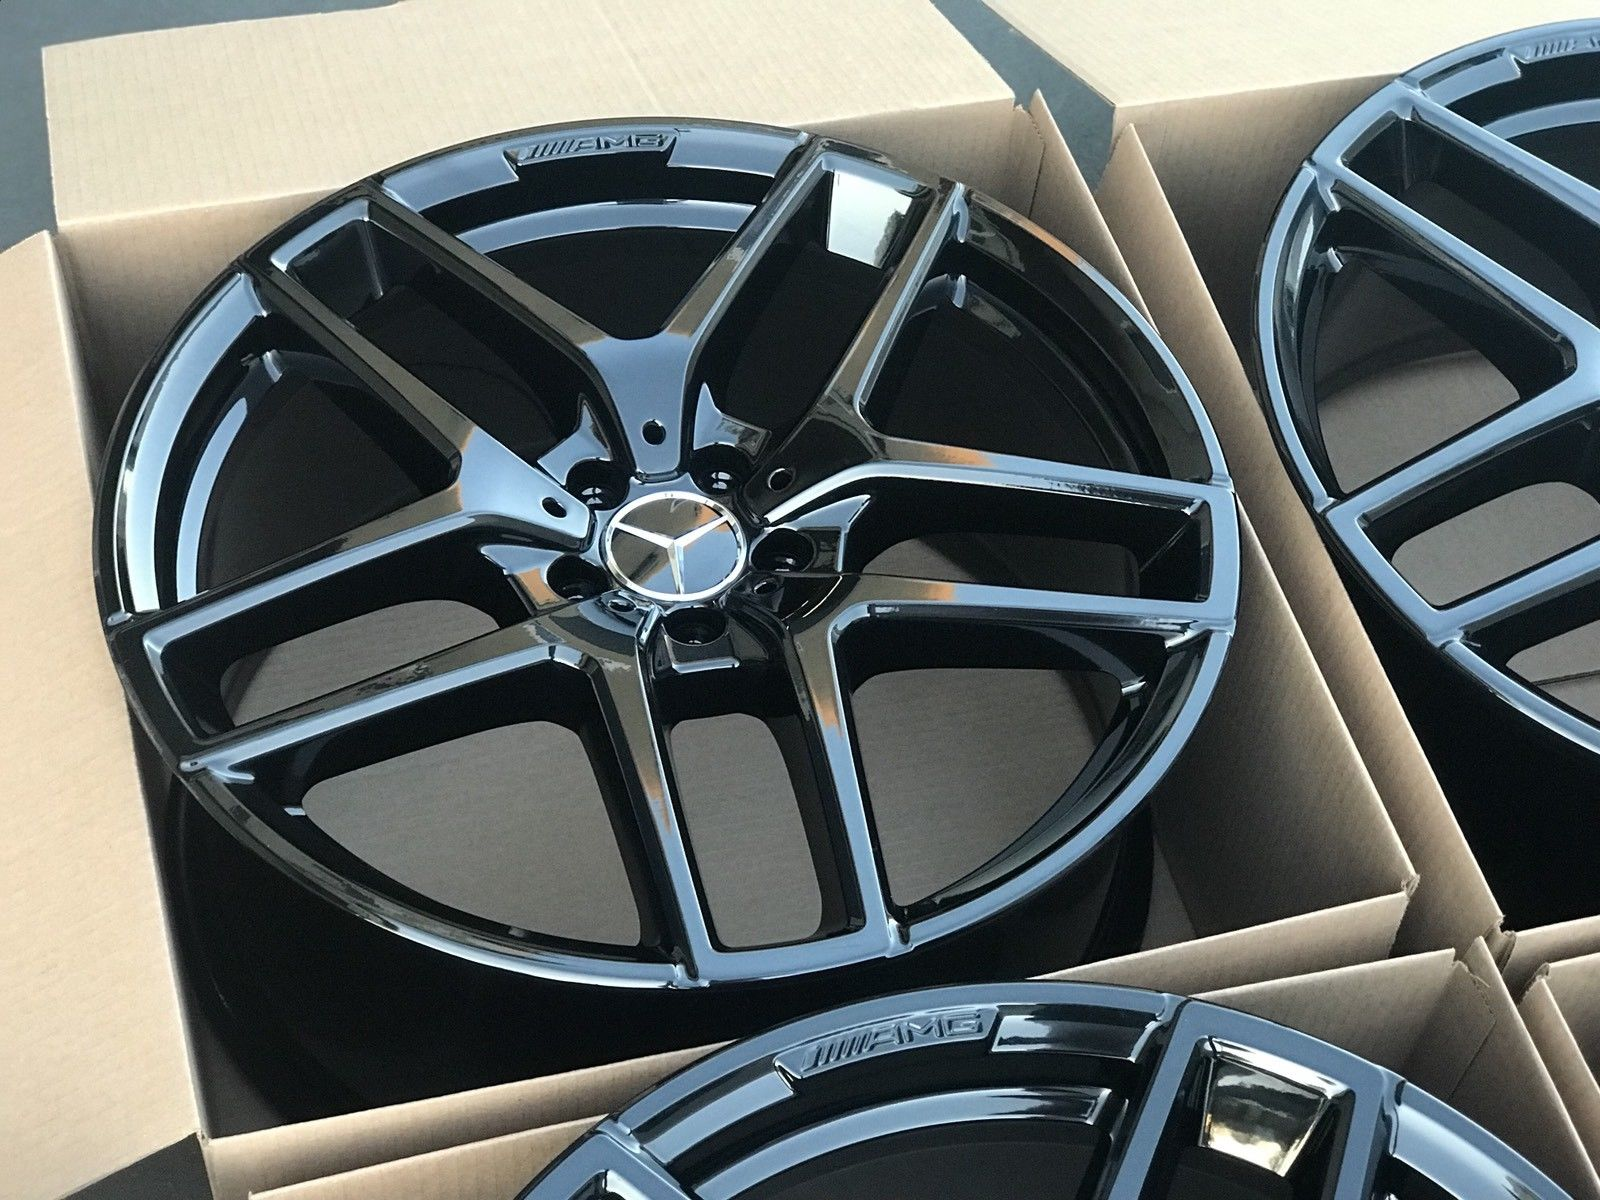 Honda Factory Rims >> Amazing 21″ Mercedes GLE Factory AMG Wheels OEM Rims GLE63 GLE400 GLE300 ML 21 Black 2017 2018 ...